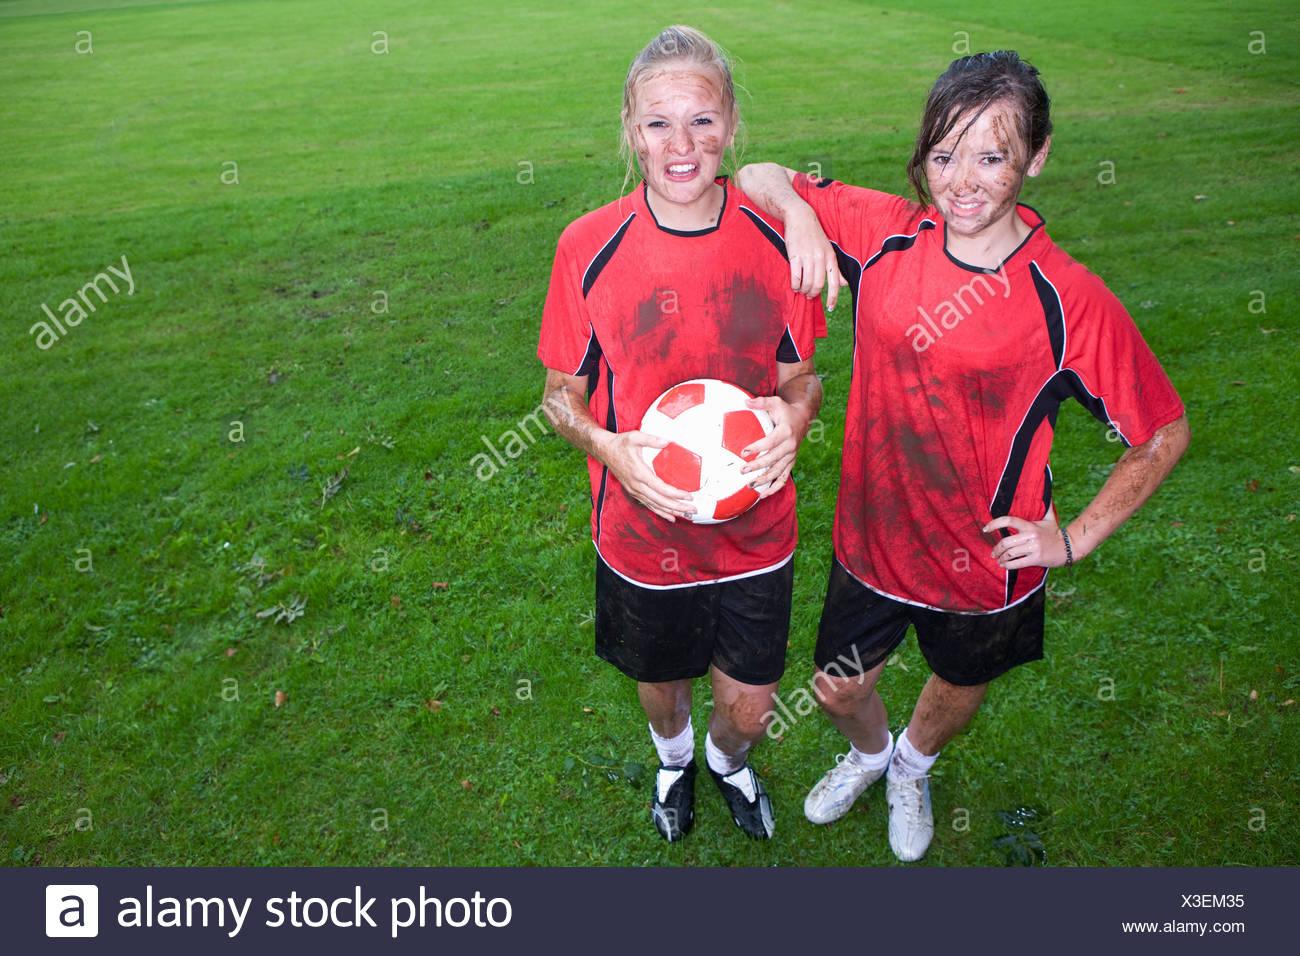 Girls muddy soccer